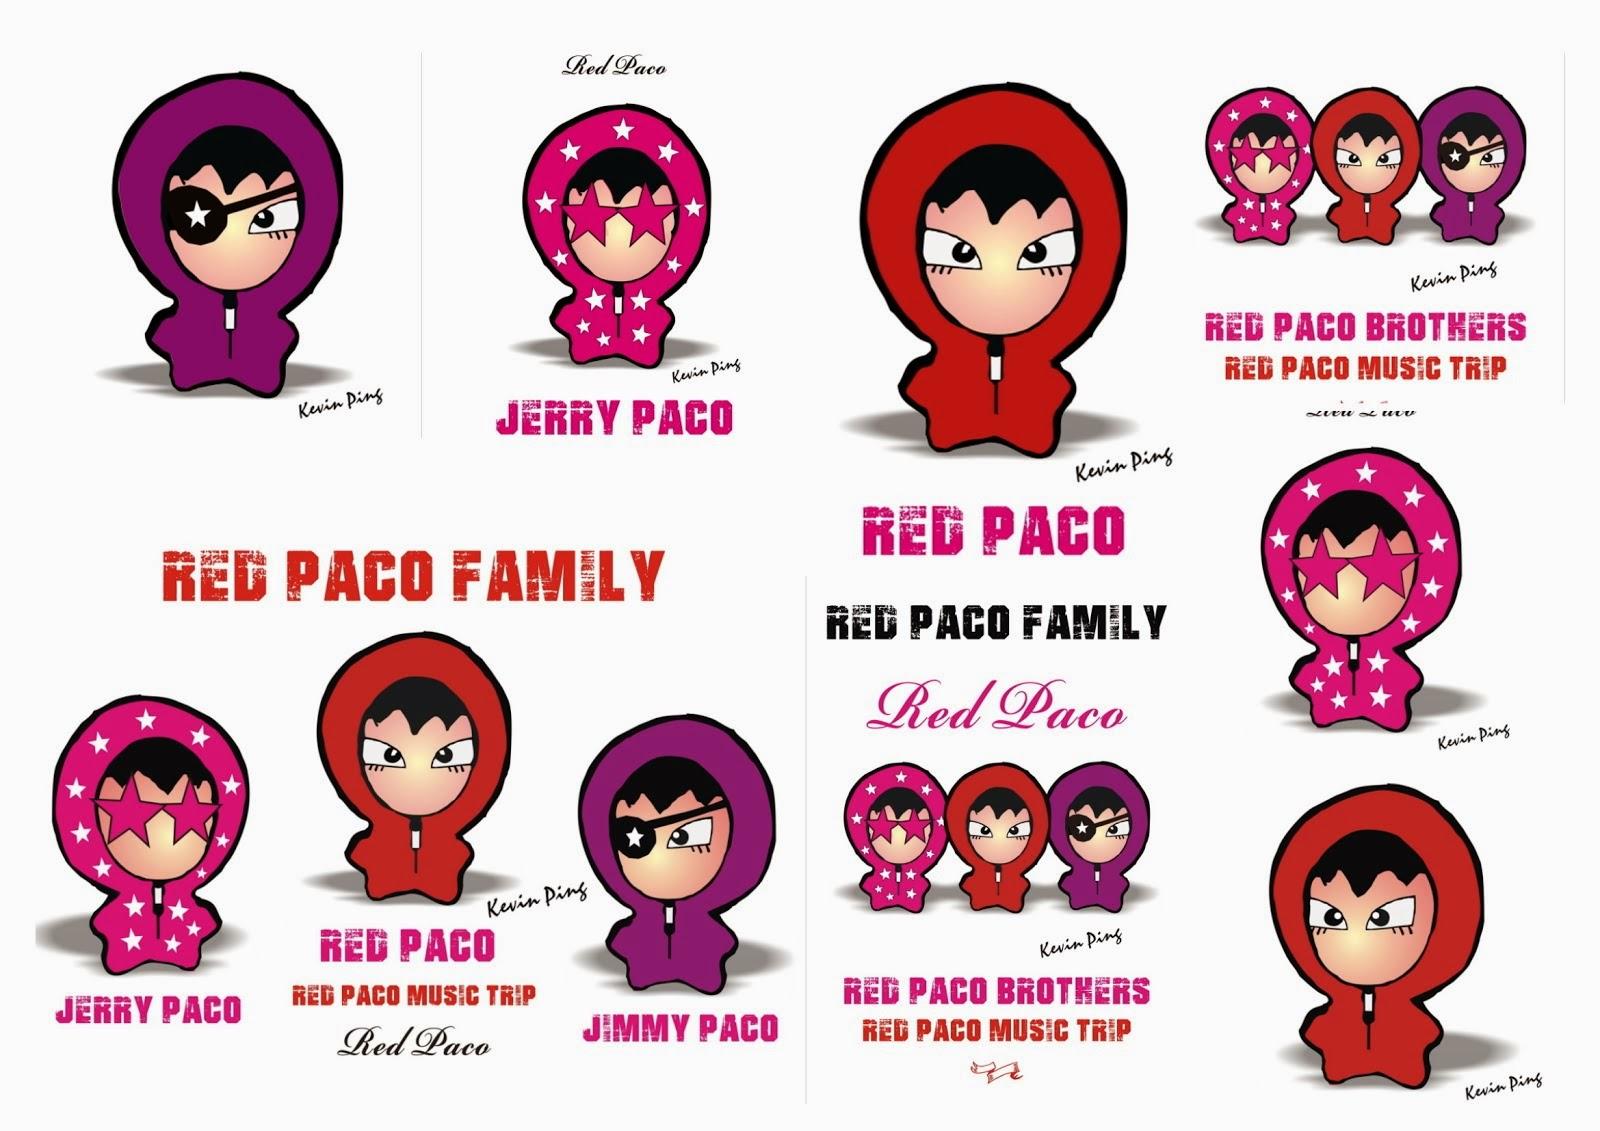 RTED PACO 紅帽3兄弟 肖像明星 管網